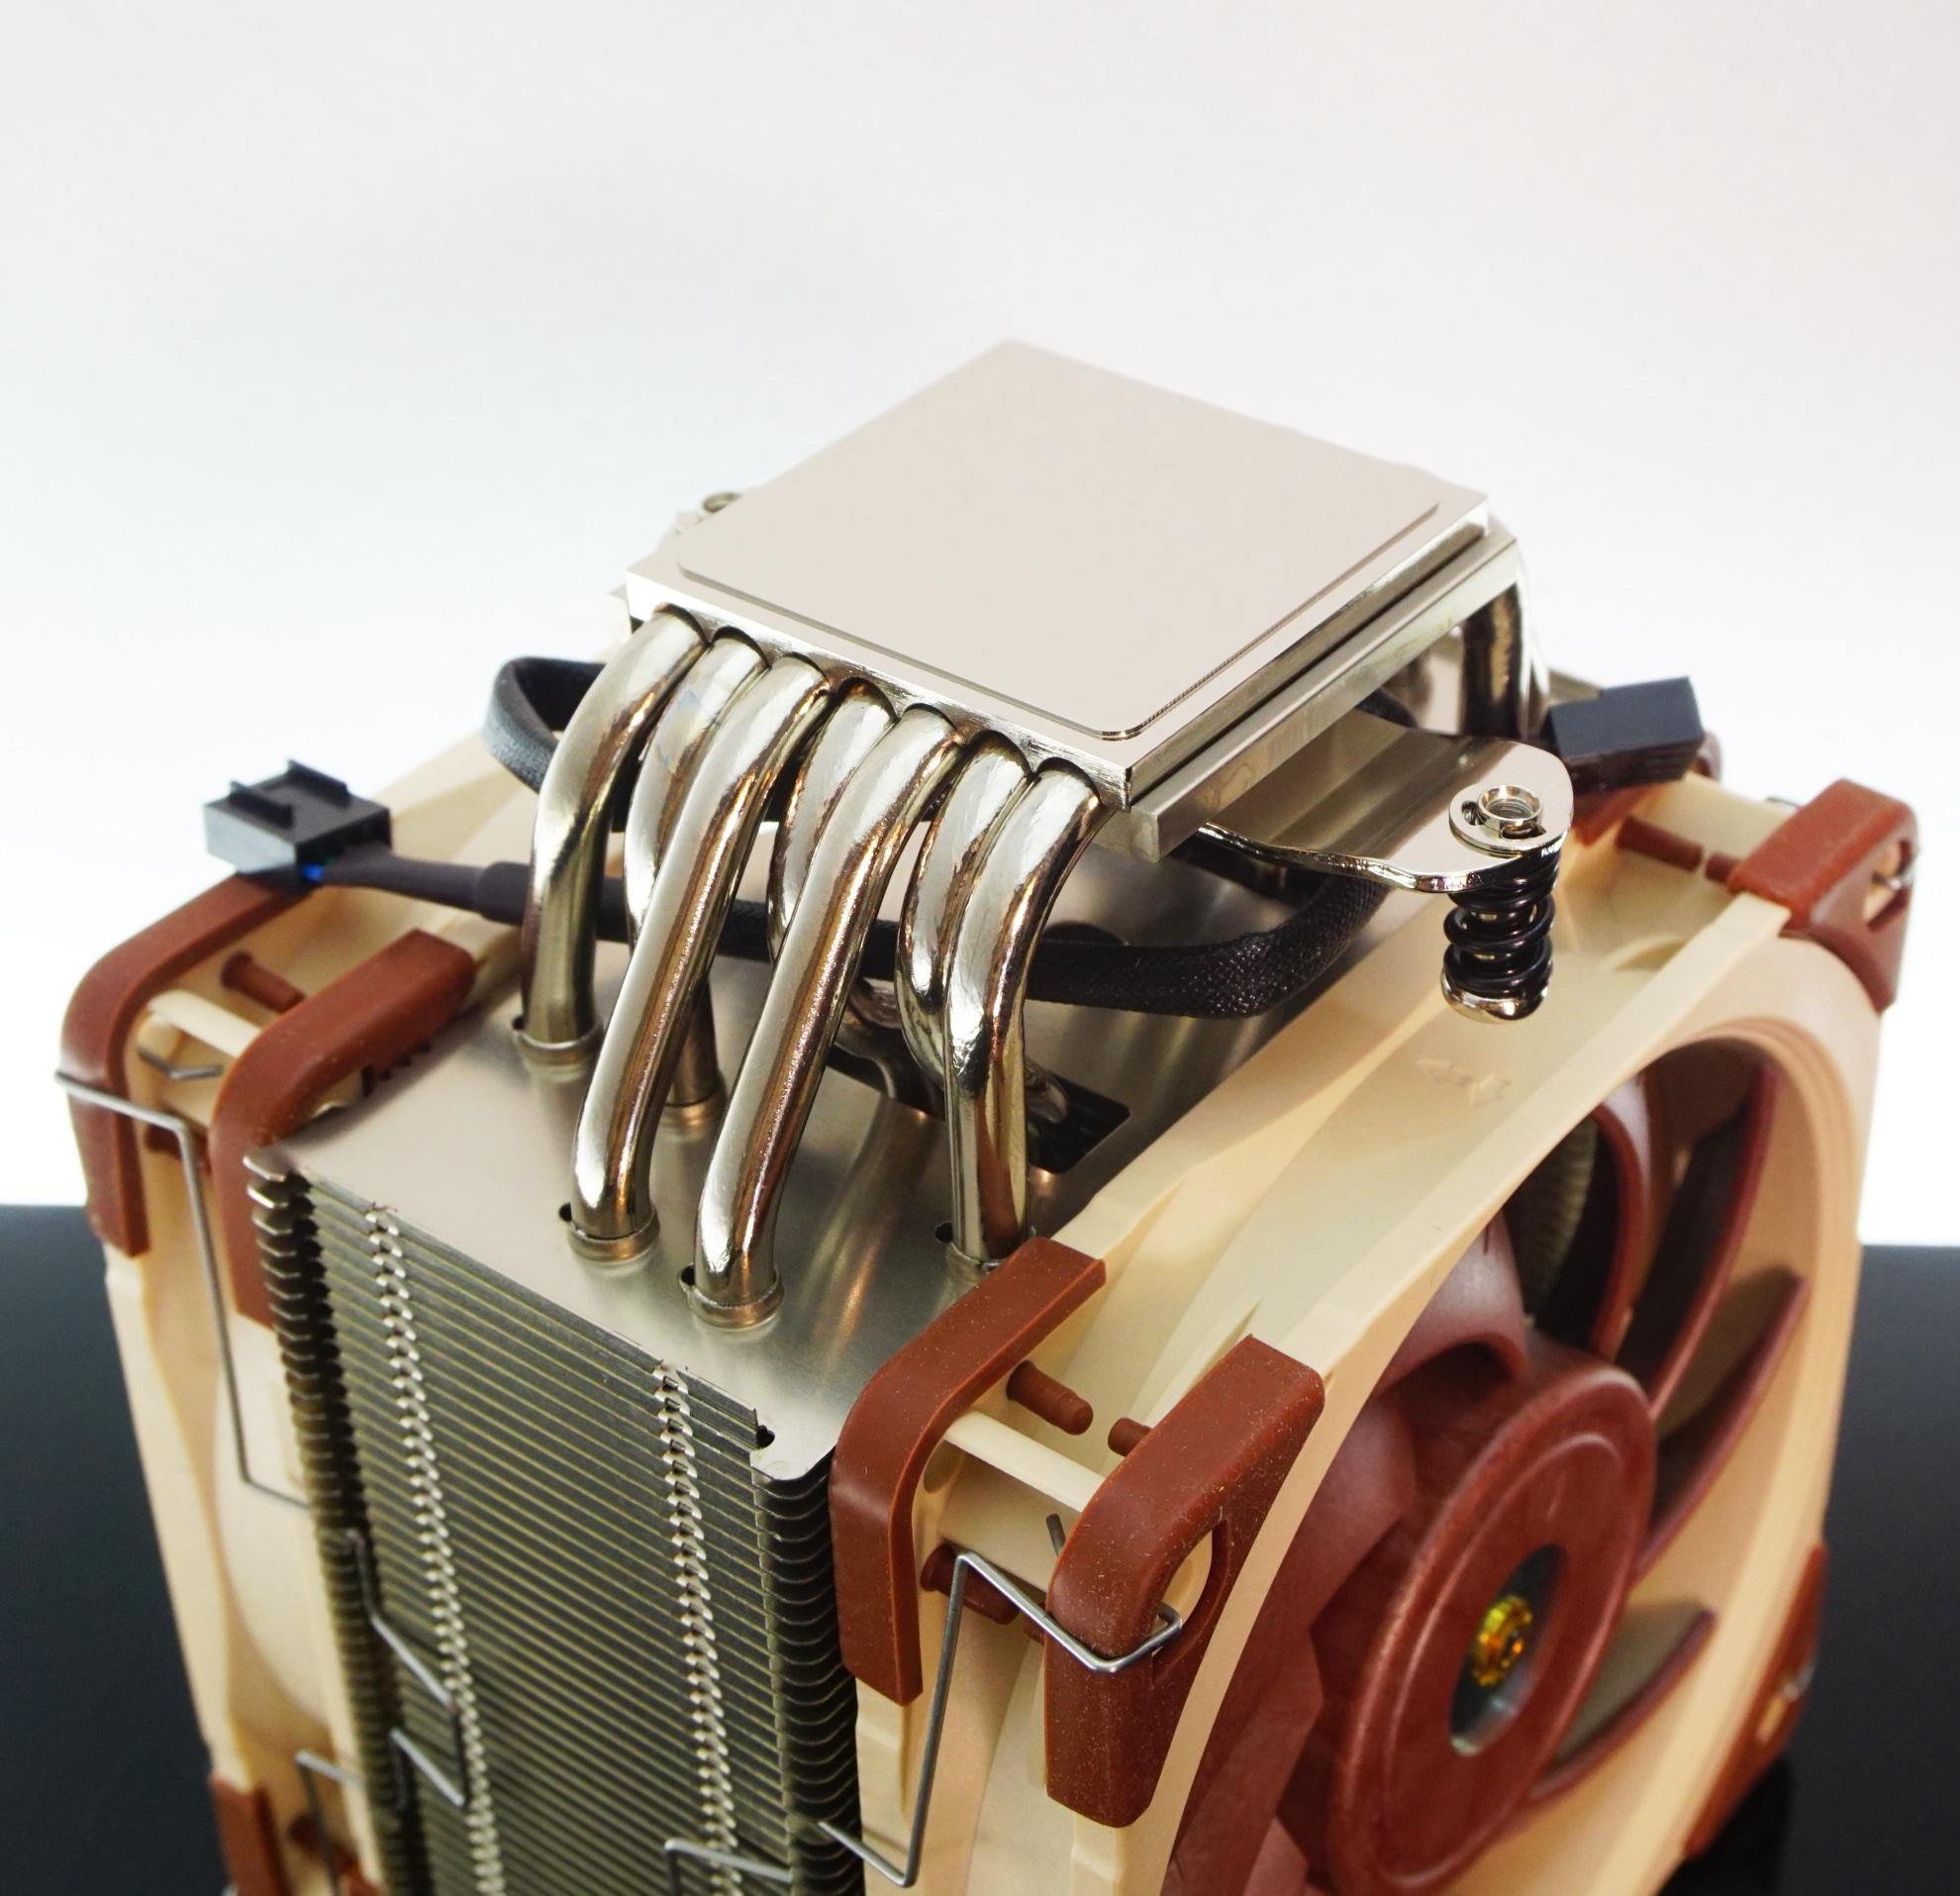 The Noctua Nh U12a Cpu Cooler The Noctua Nh U12a Cpu